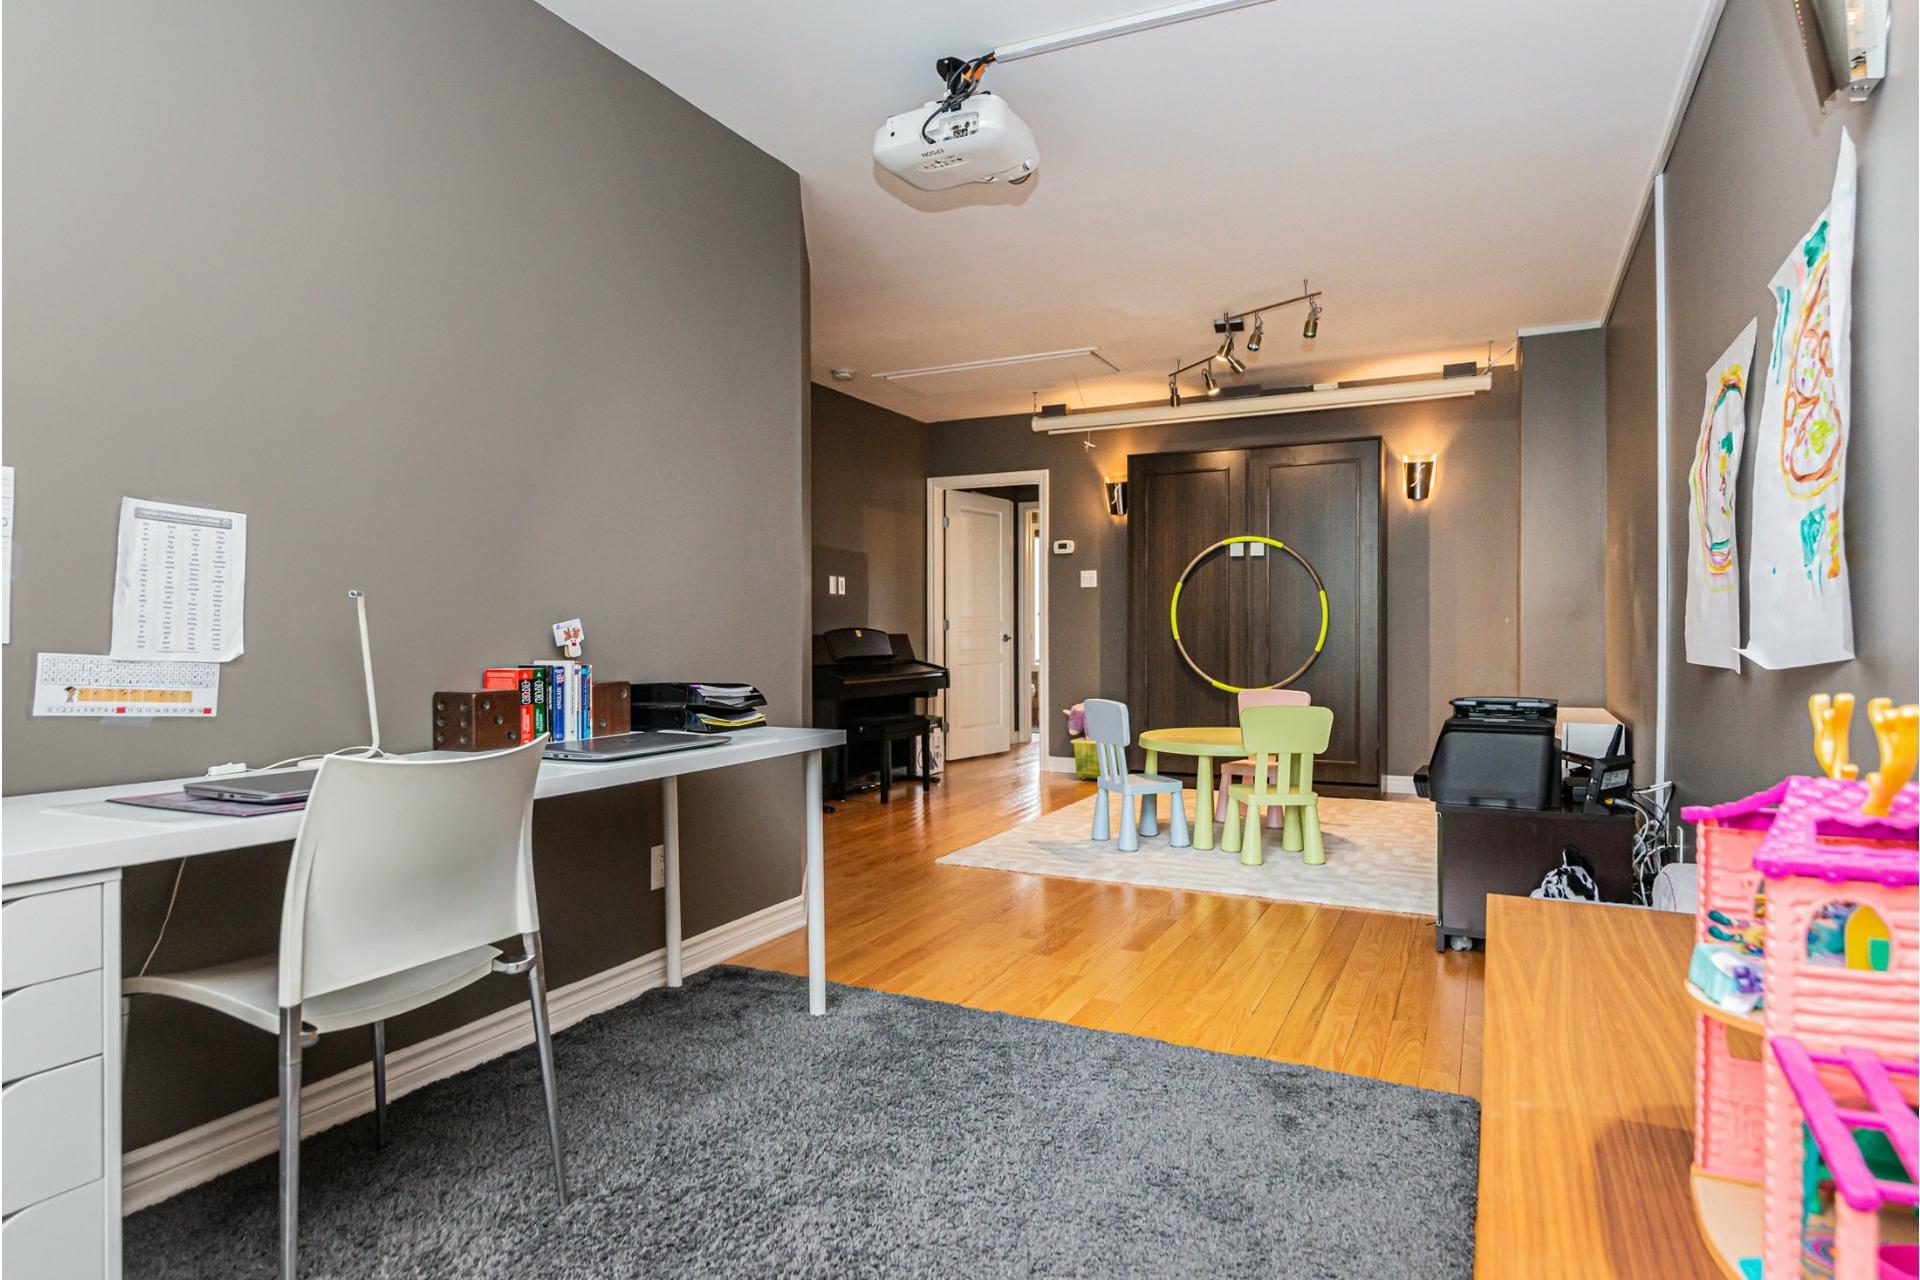 image 27 - House For sale Côte-des-Neiges/Notre-Dame-de-Grâce Montréal  - 11 rooms